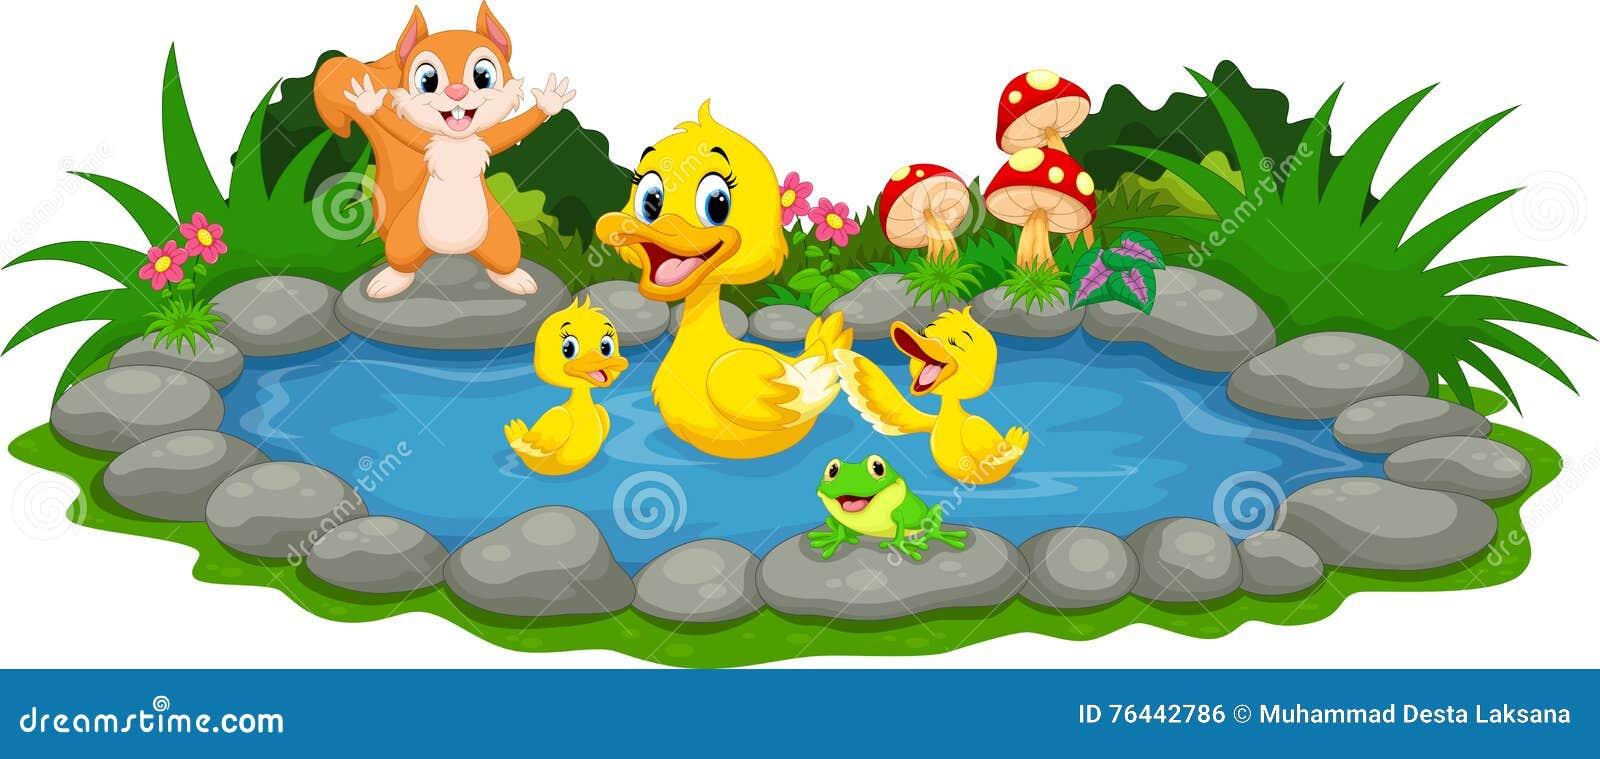 Moedereend en kleine eendjes die in de vijver zwemmen